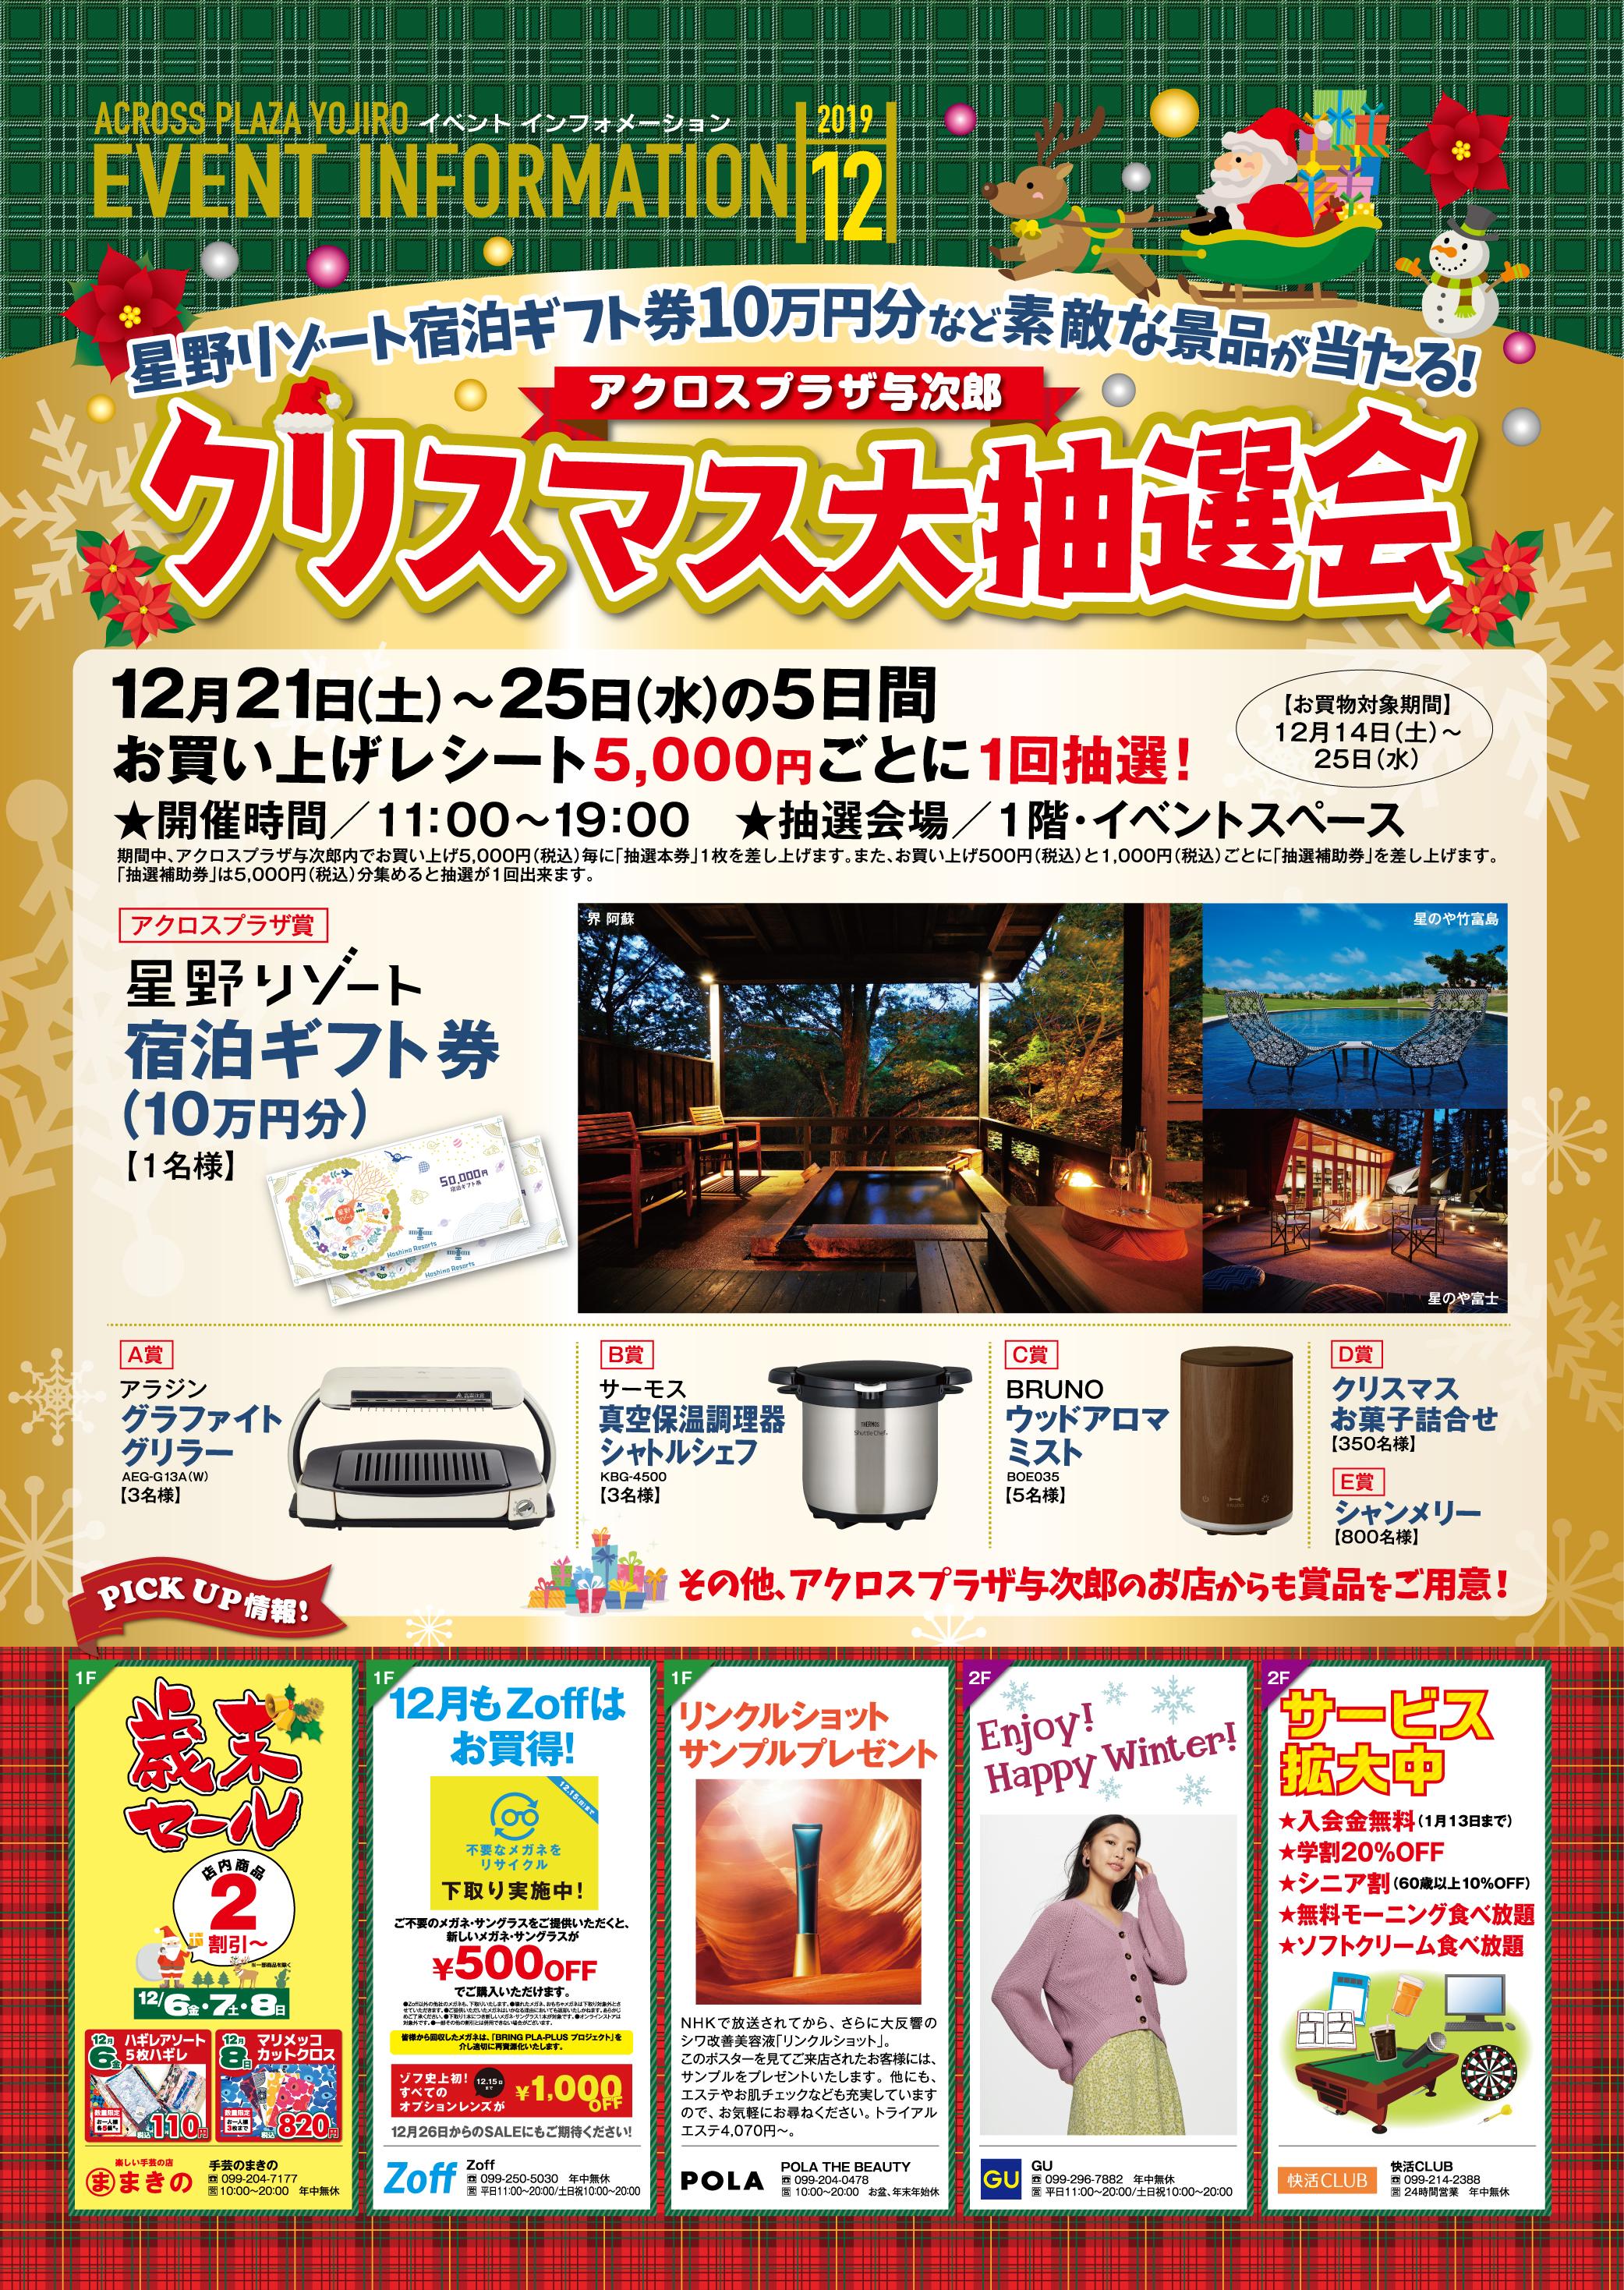 【アクロスプラザ与次郎】2019年12月イベントカレンダー!